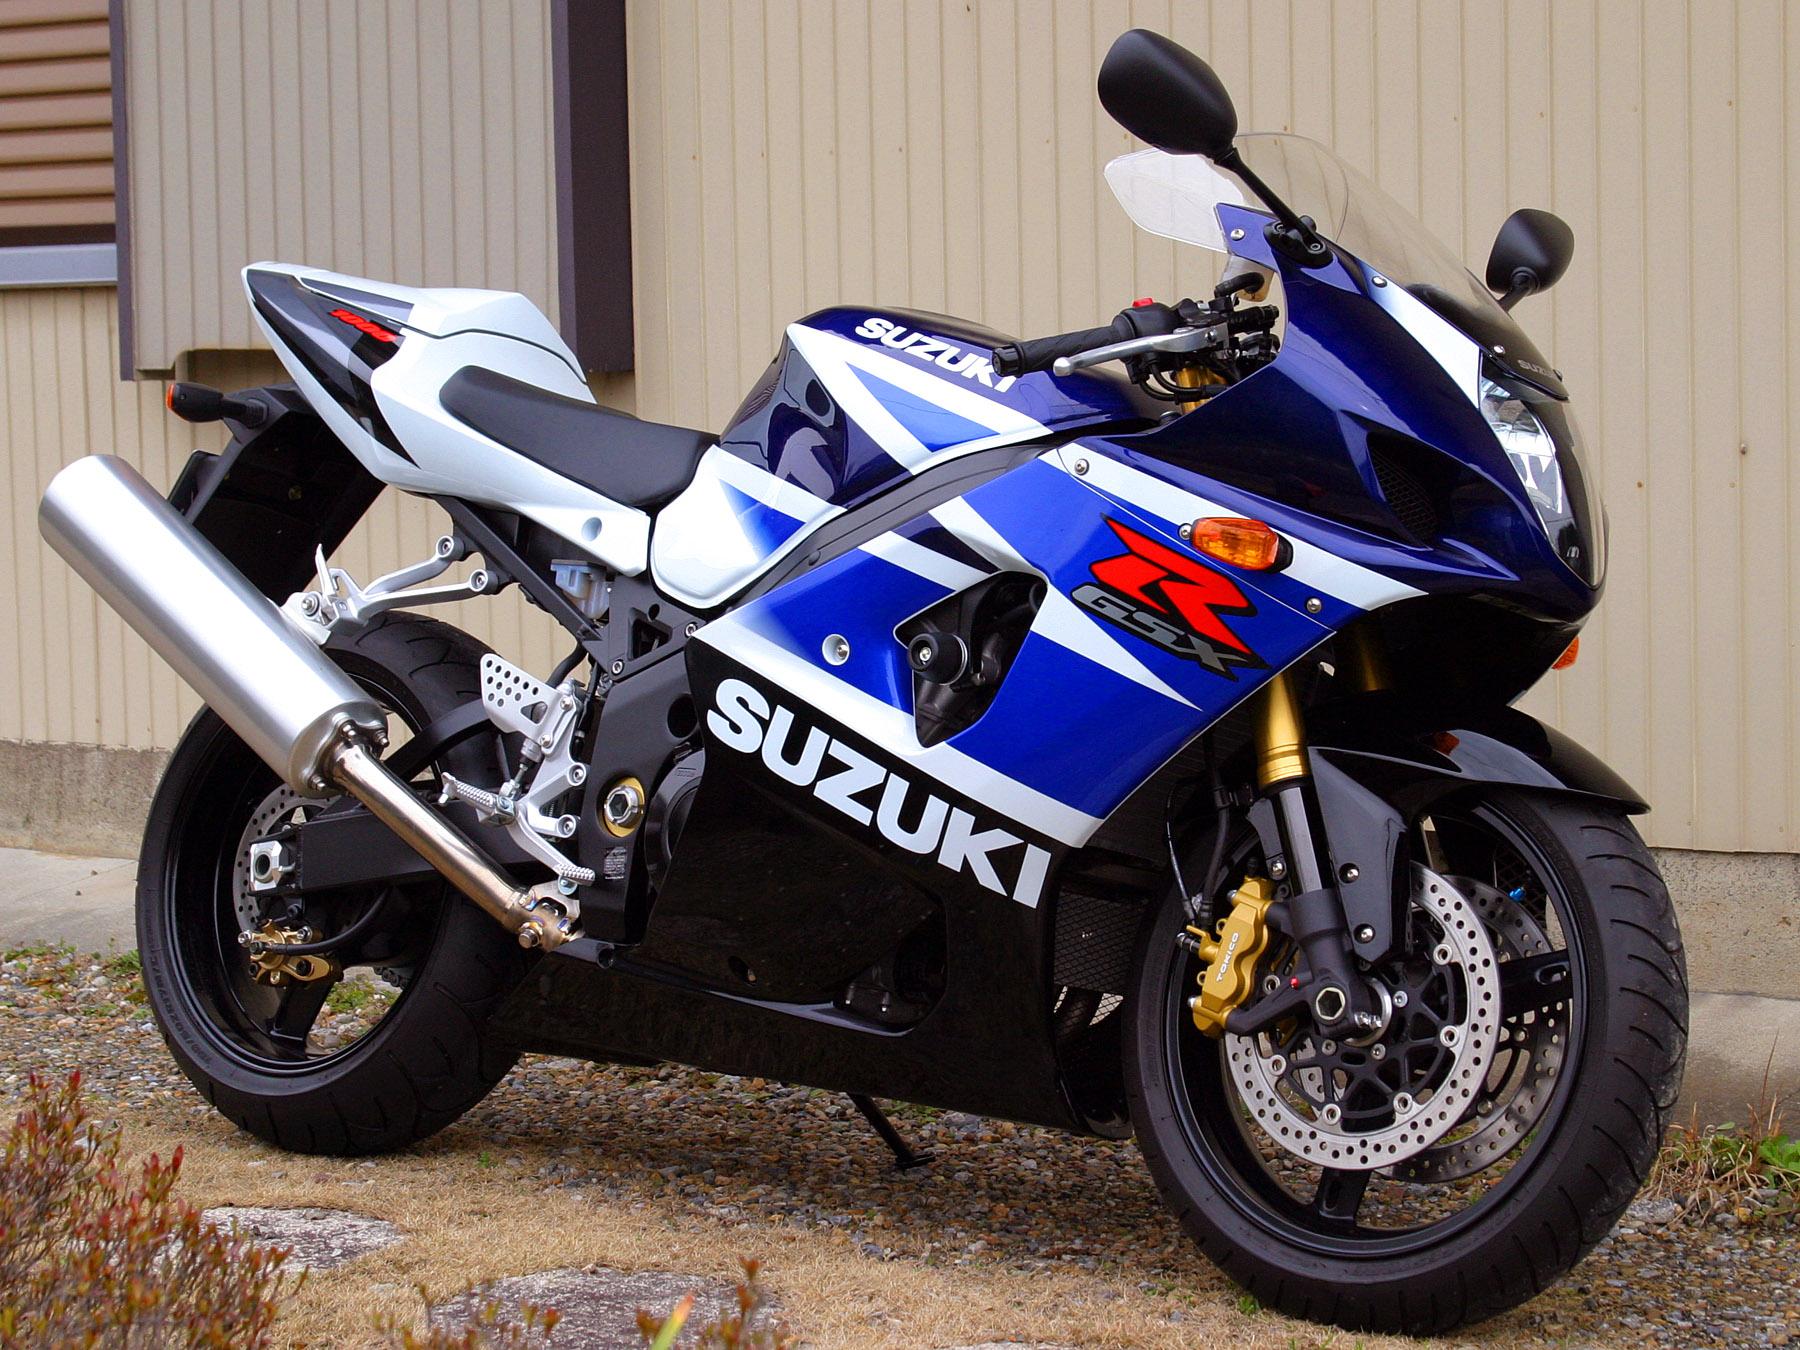 Suzuki Gsxr Fairing Removal